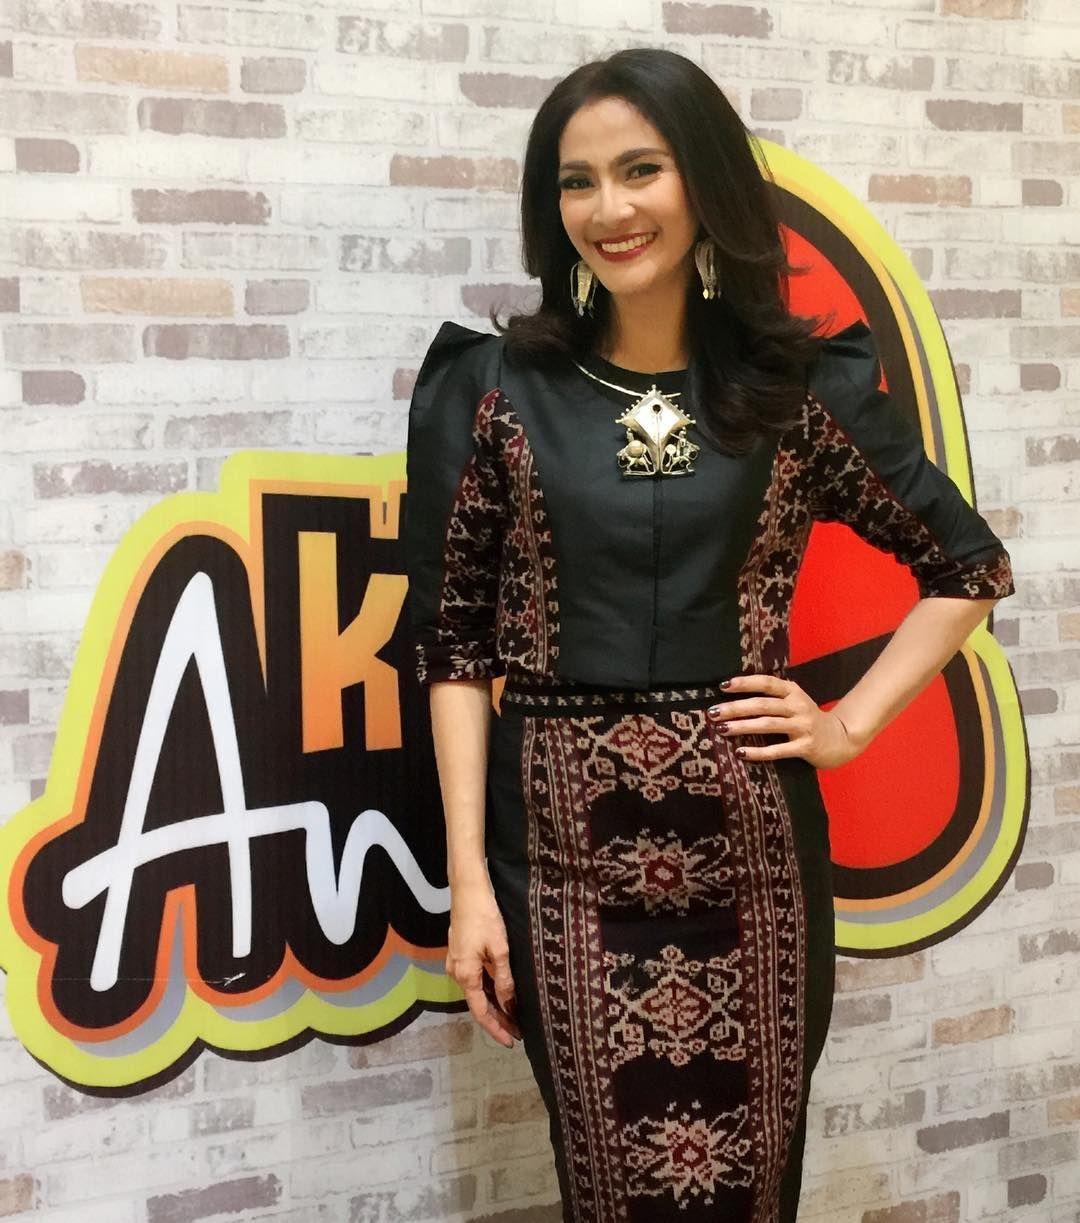 Ratih Utami pakaian batik